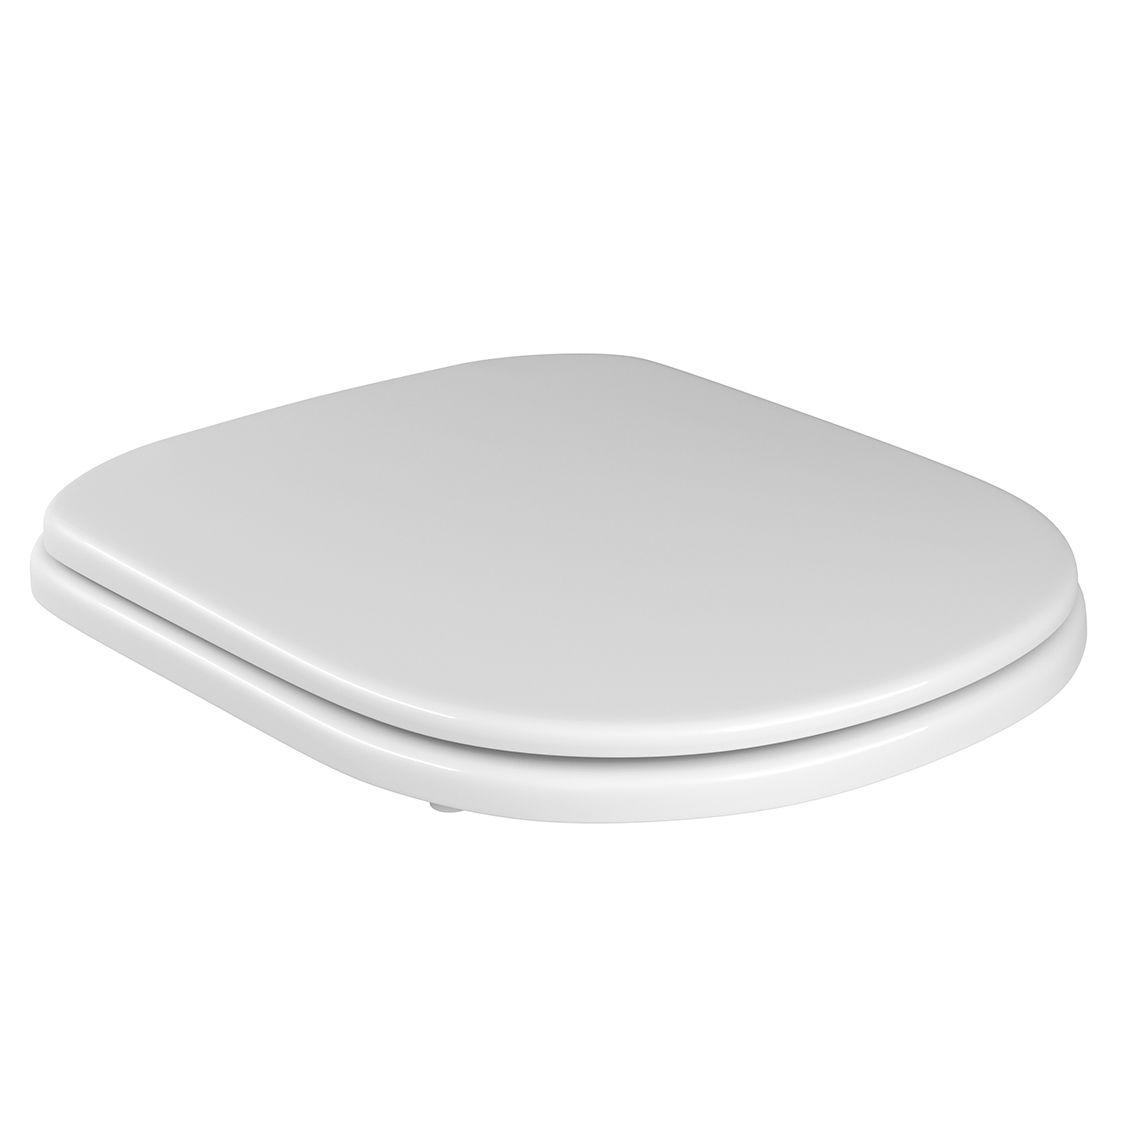 Assento Sanitário Plástico Vogue Plus Branco Deca